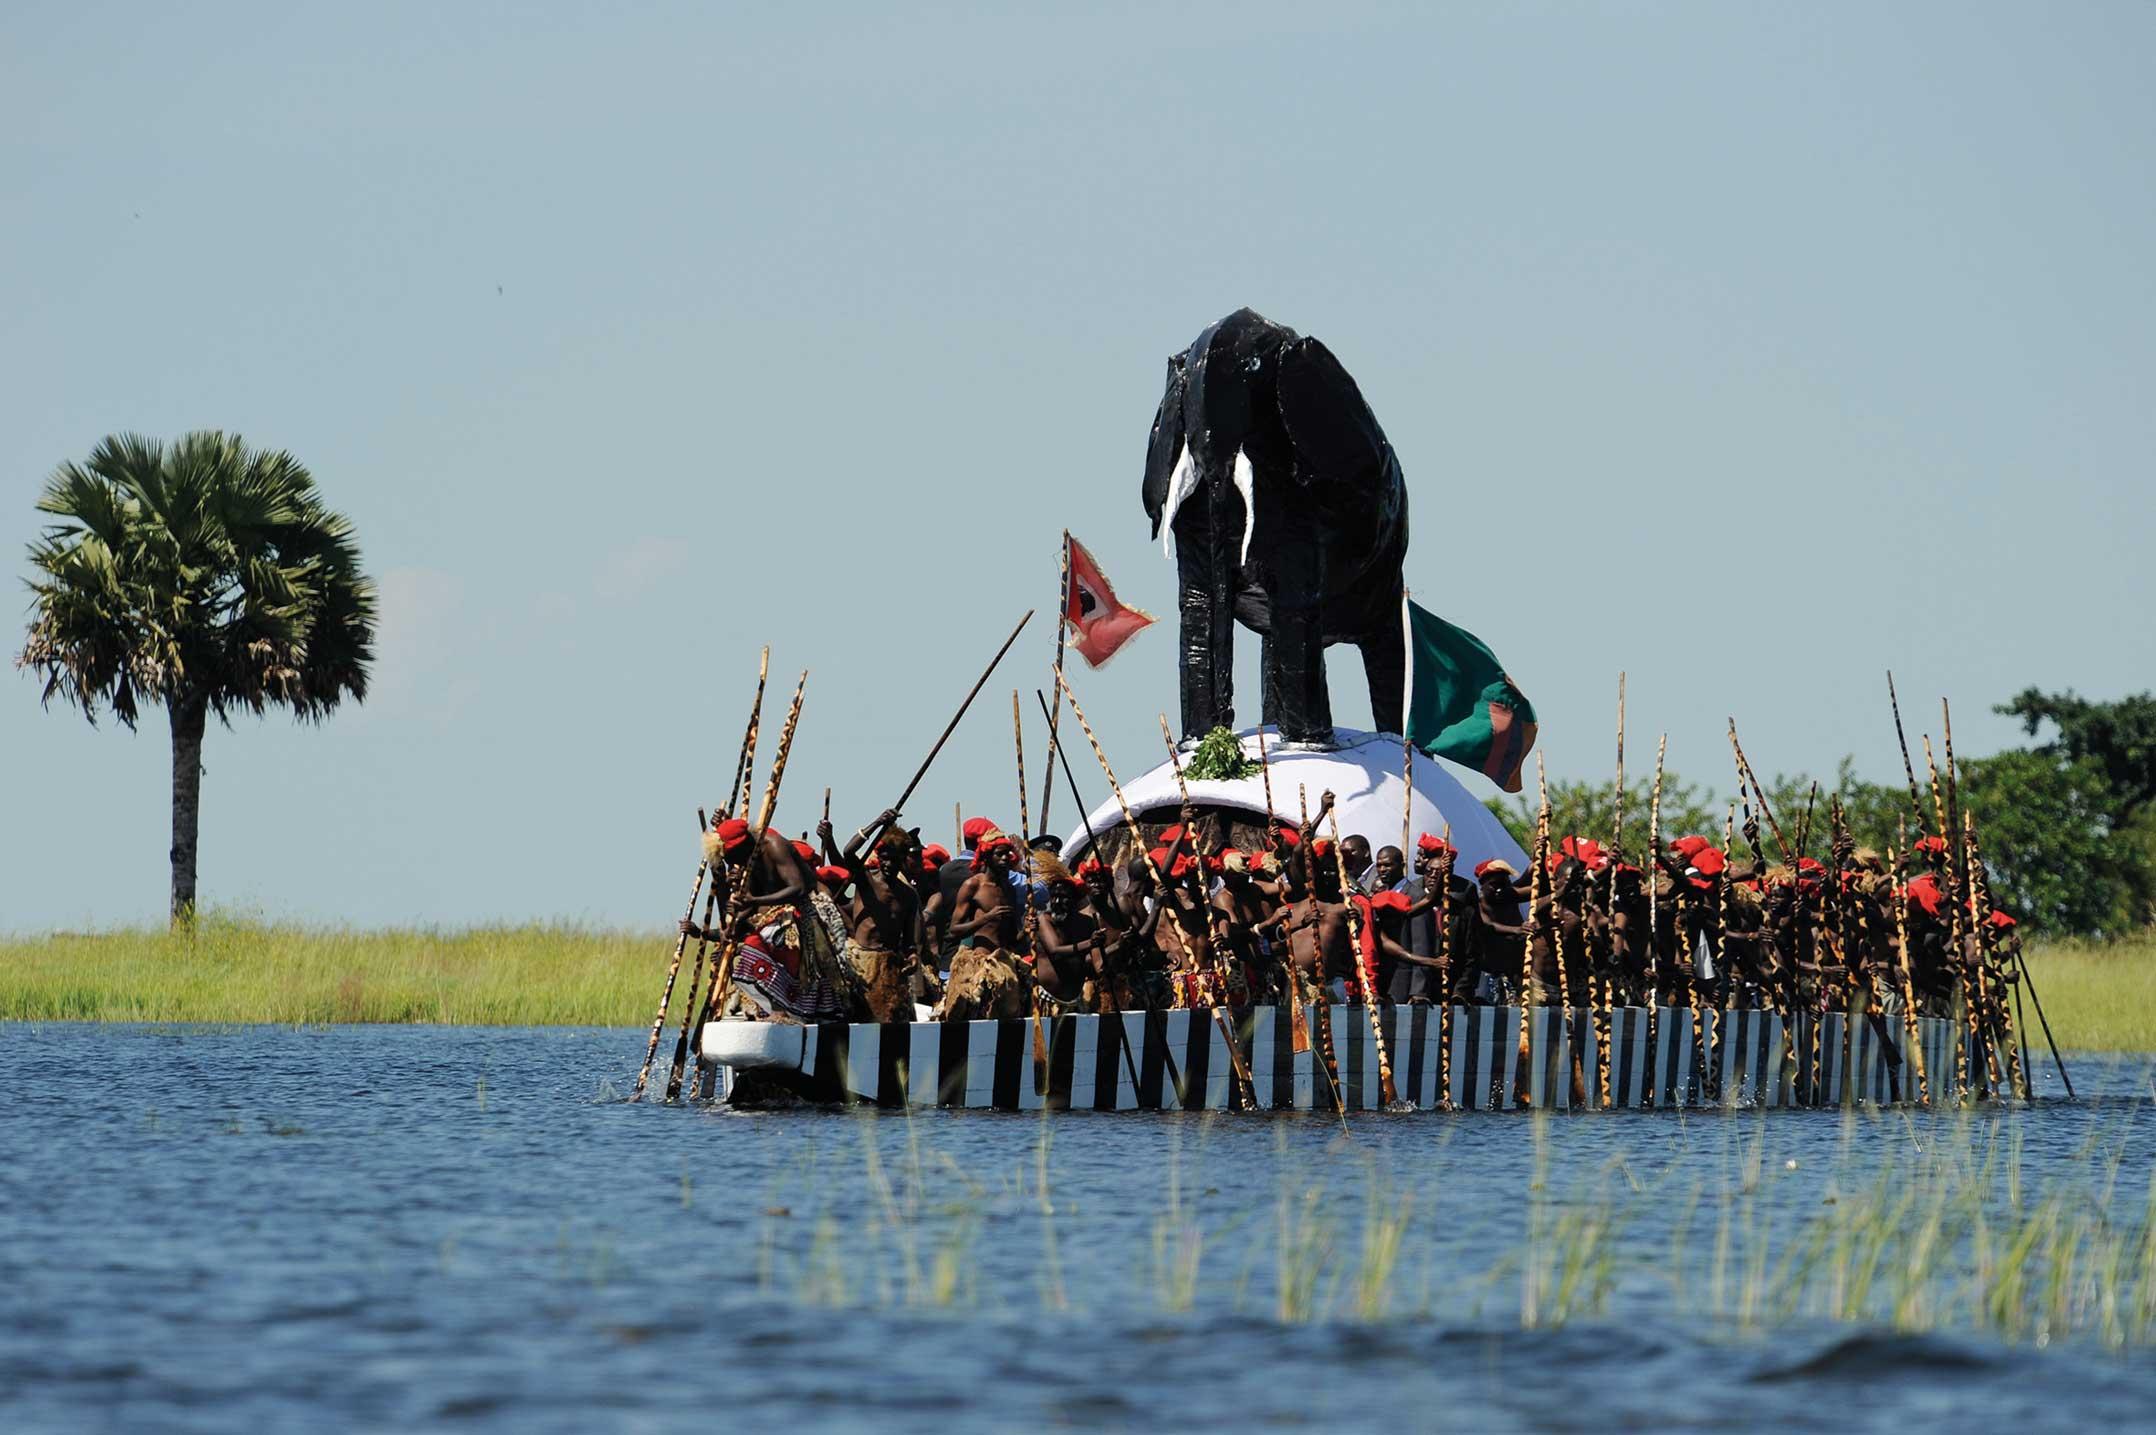 عادات وتقاليد لشعوب اهل زامبيا 221993-38-TA68-Kuomboka-Alamy